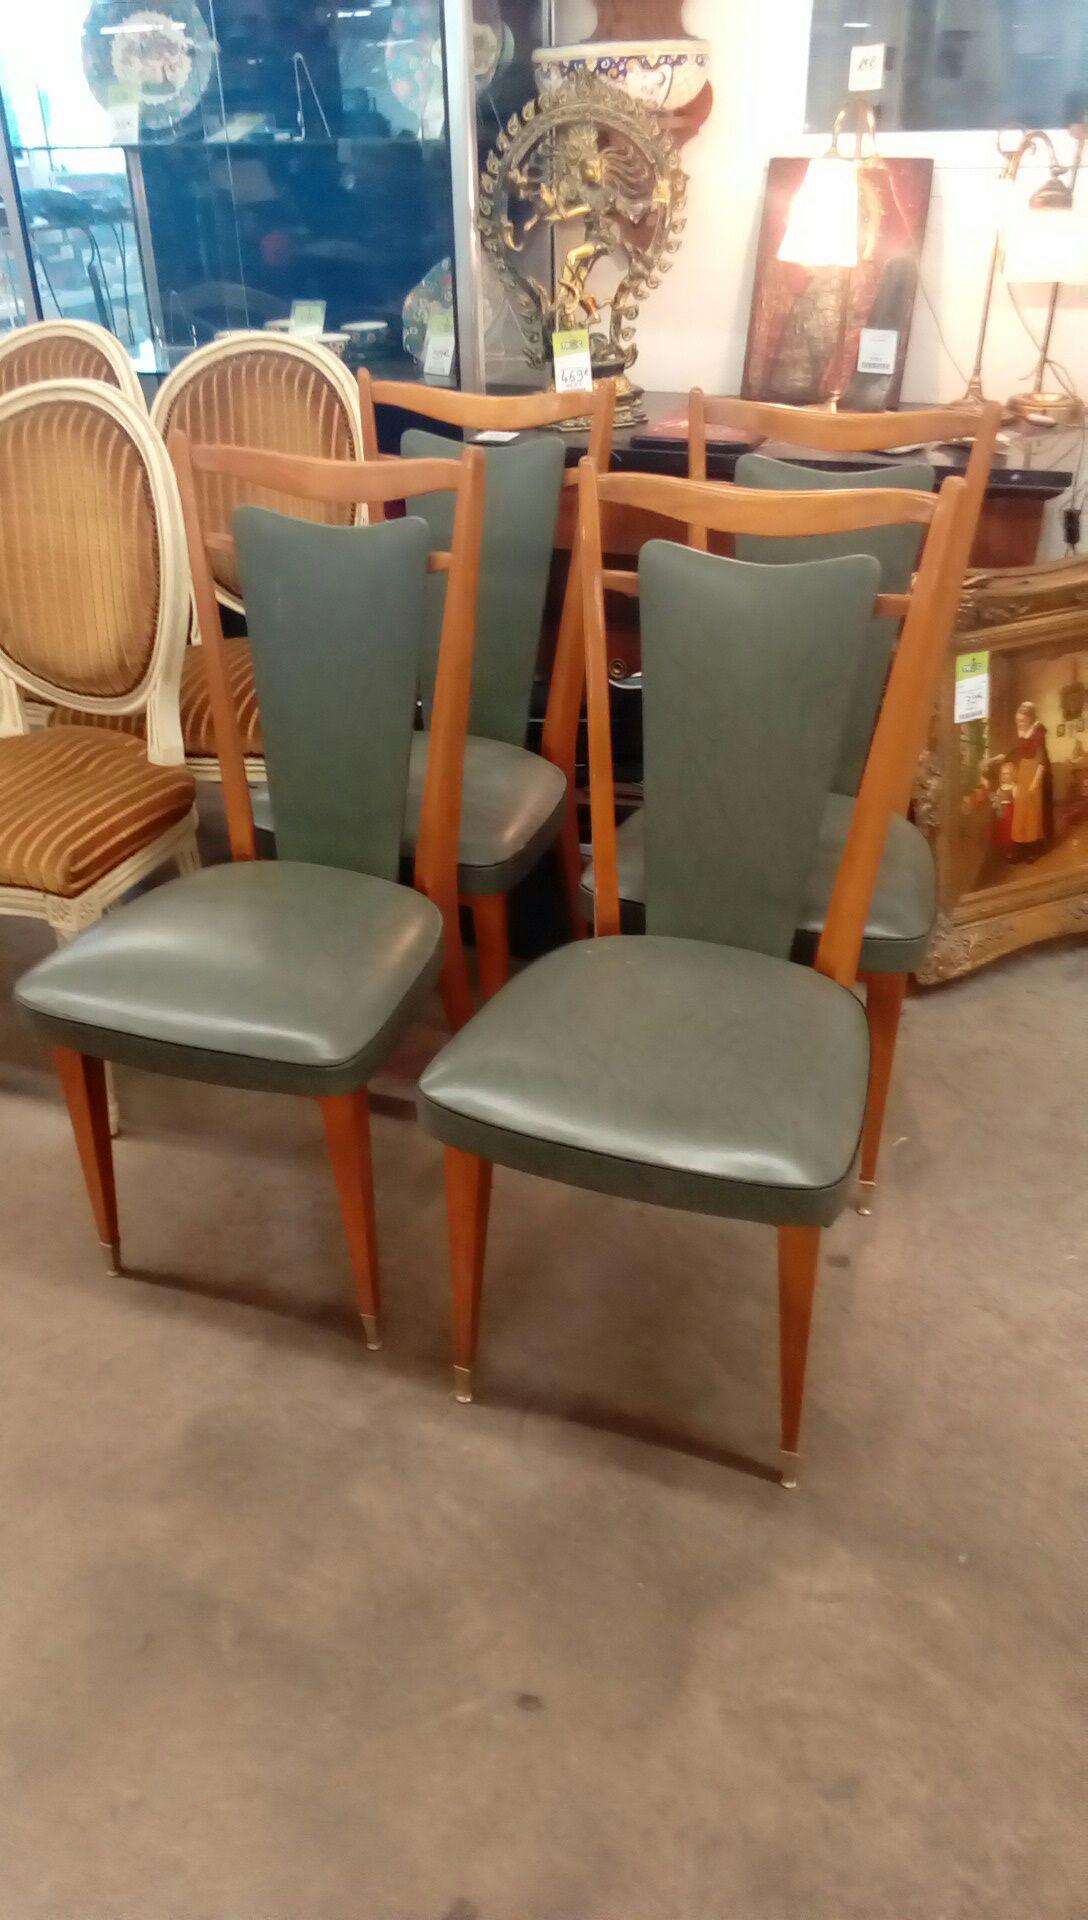 lot de 4 chaises skai occasion troc nancy. Black Bedroom Furniture Sets. Home Design Ideas